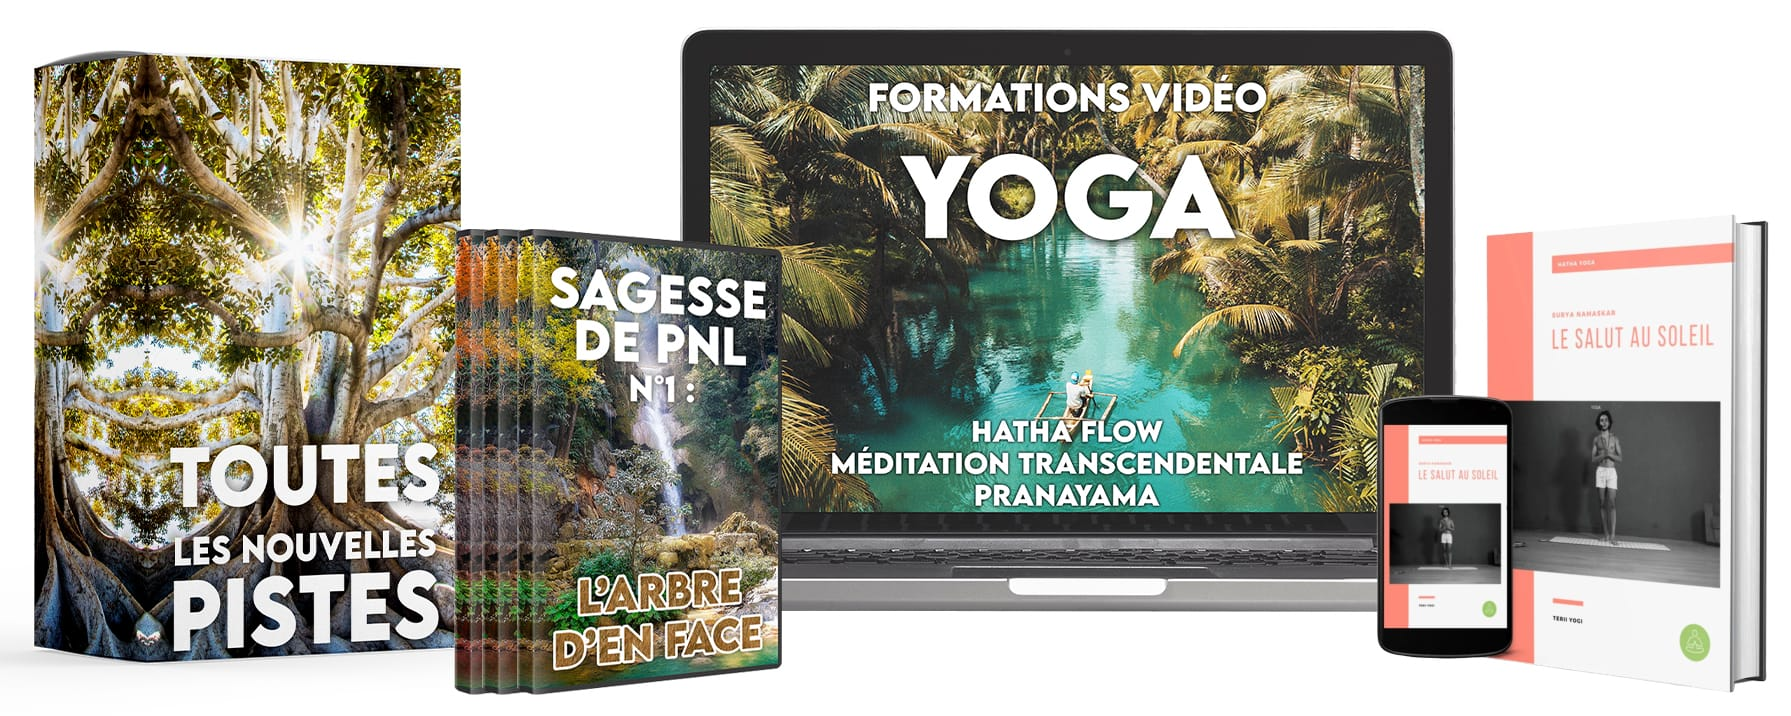 Association Abondance et Bien-Être (47€/mois) Best-Seller (Santé Naturelle - Yoga - Méditation - Loi de l'attraction)